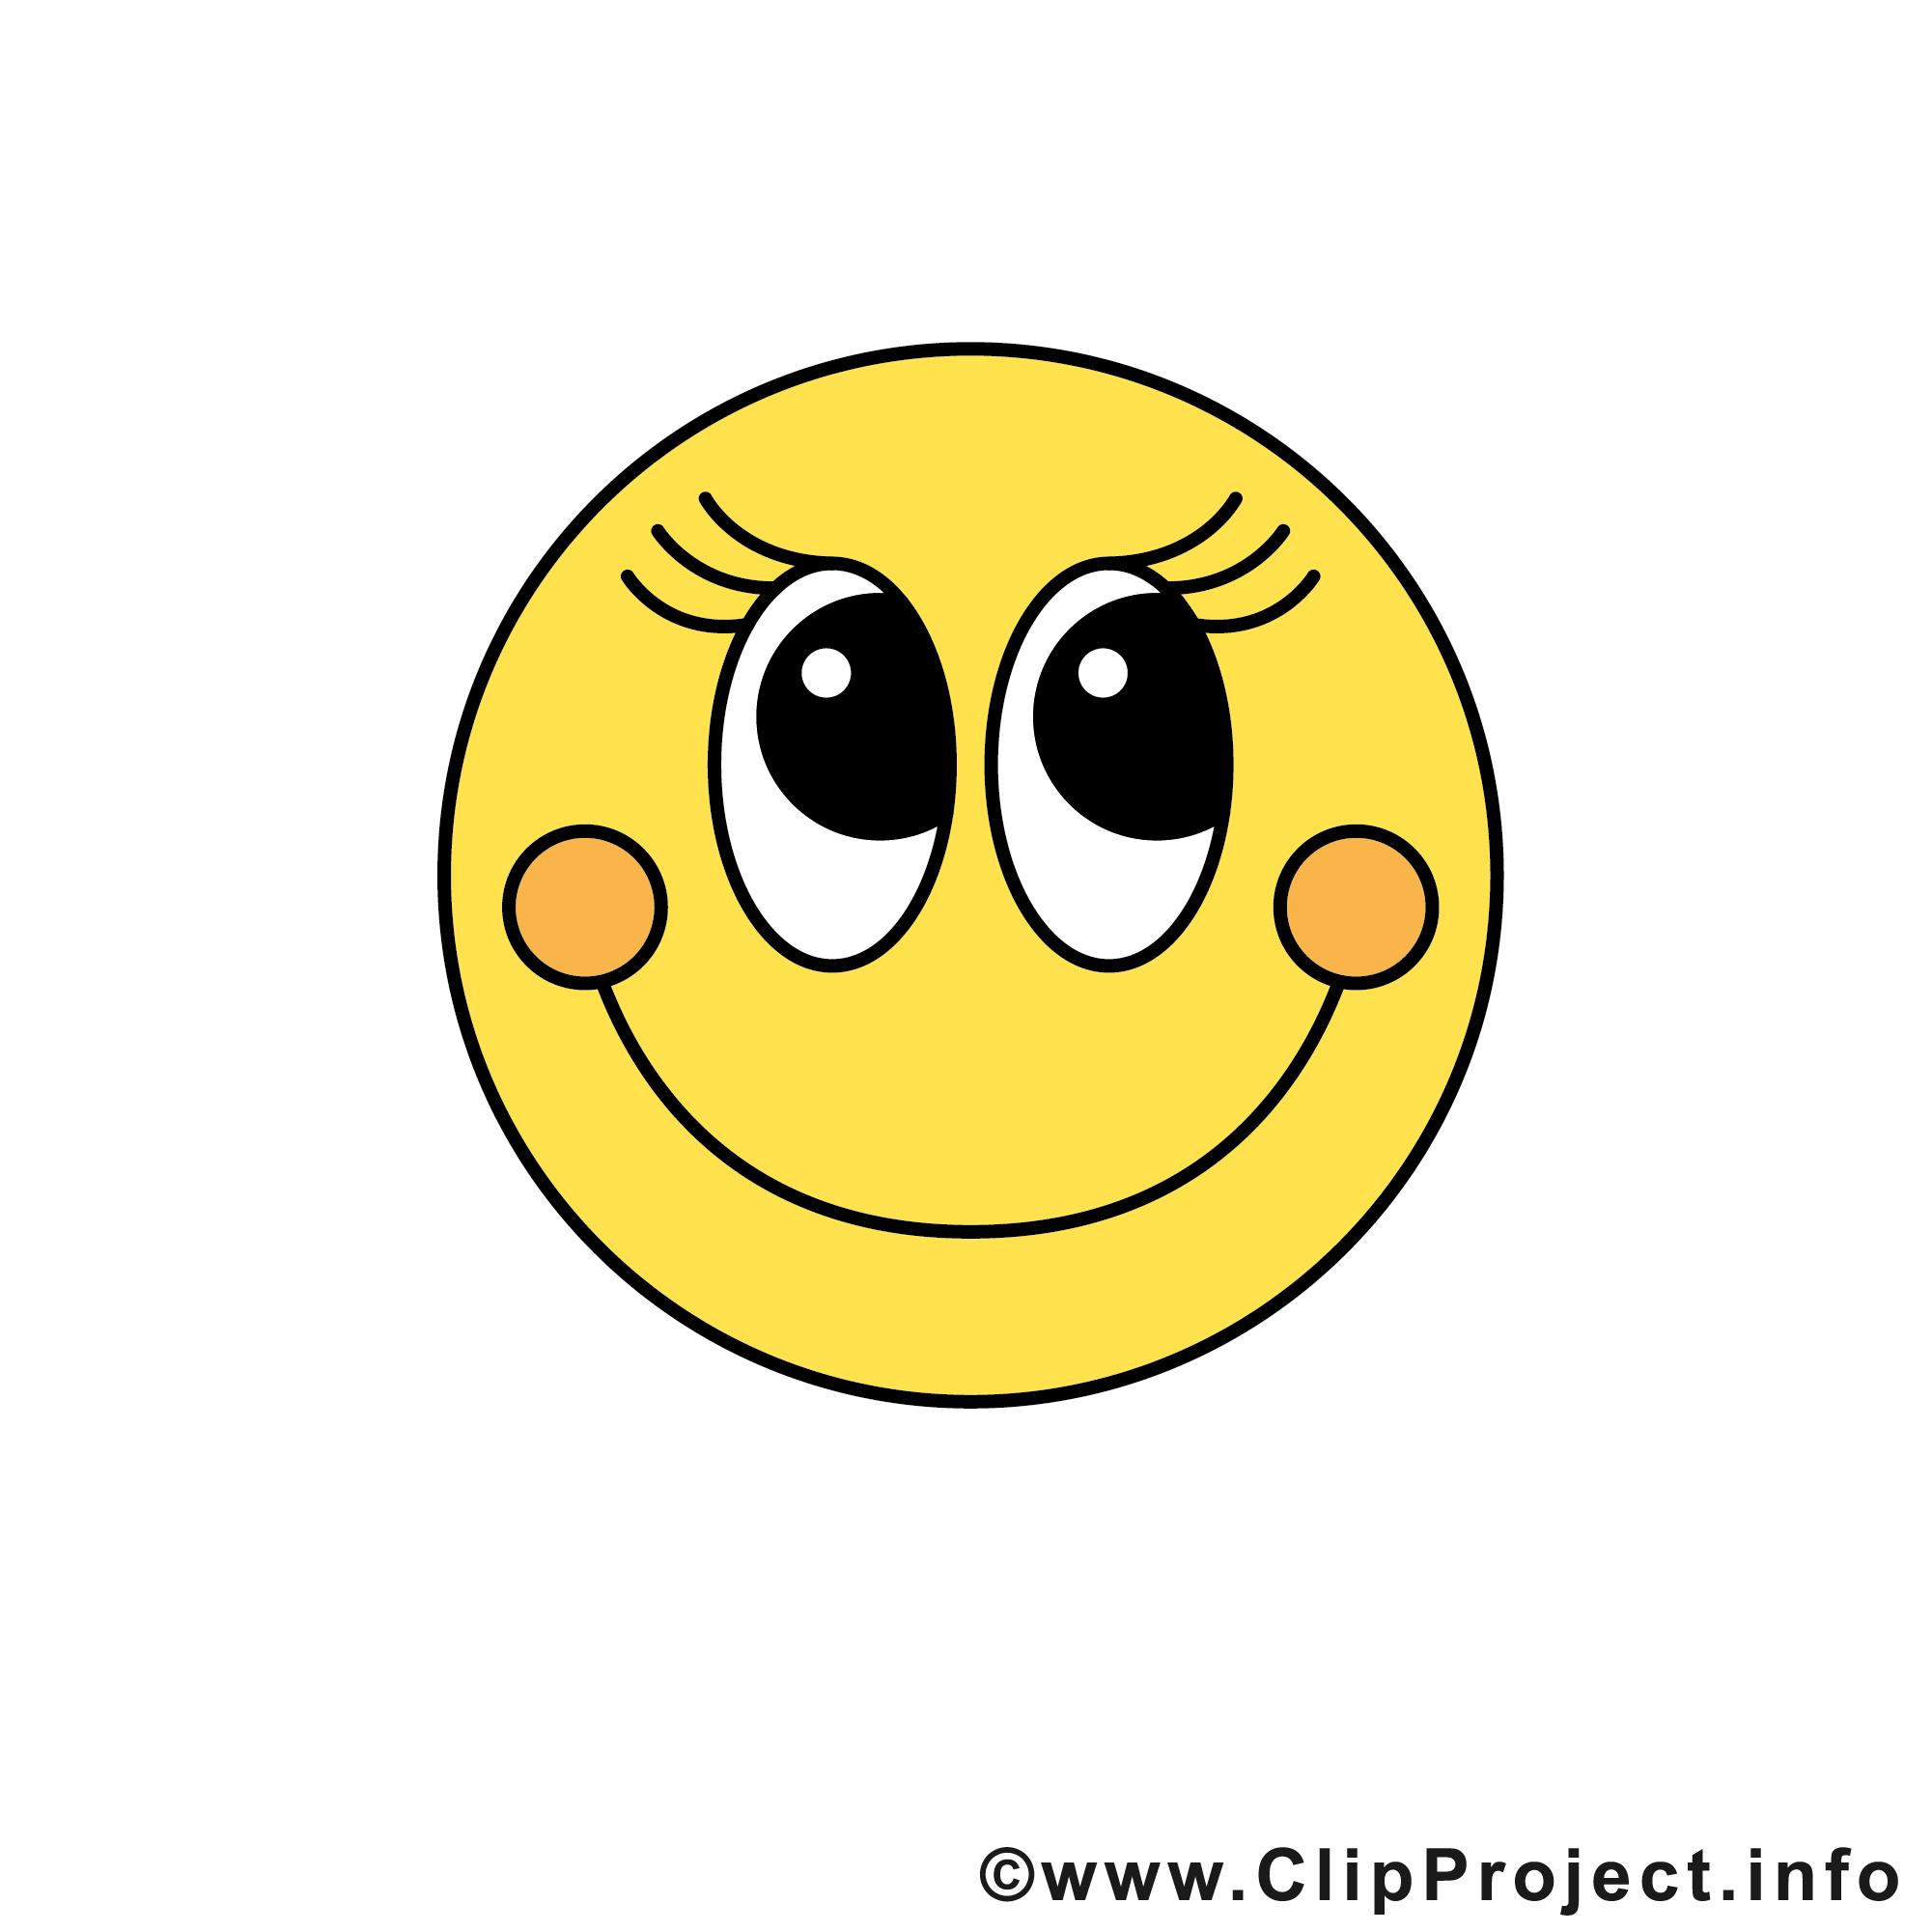 Sourire Smiley Clip Arts Gratuits Smileys Dessin Picture Image Graphic Clip Art Telecharger Gratuit